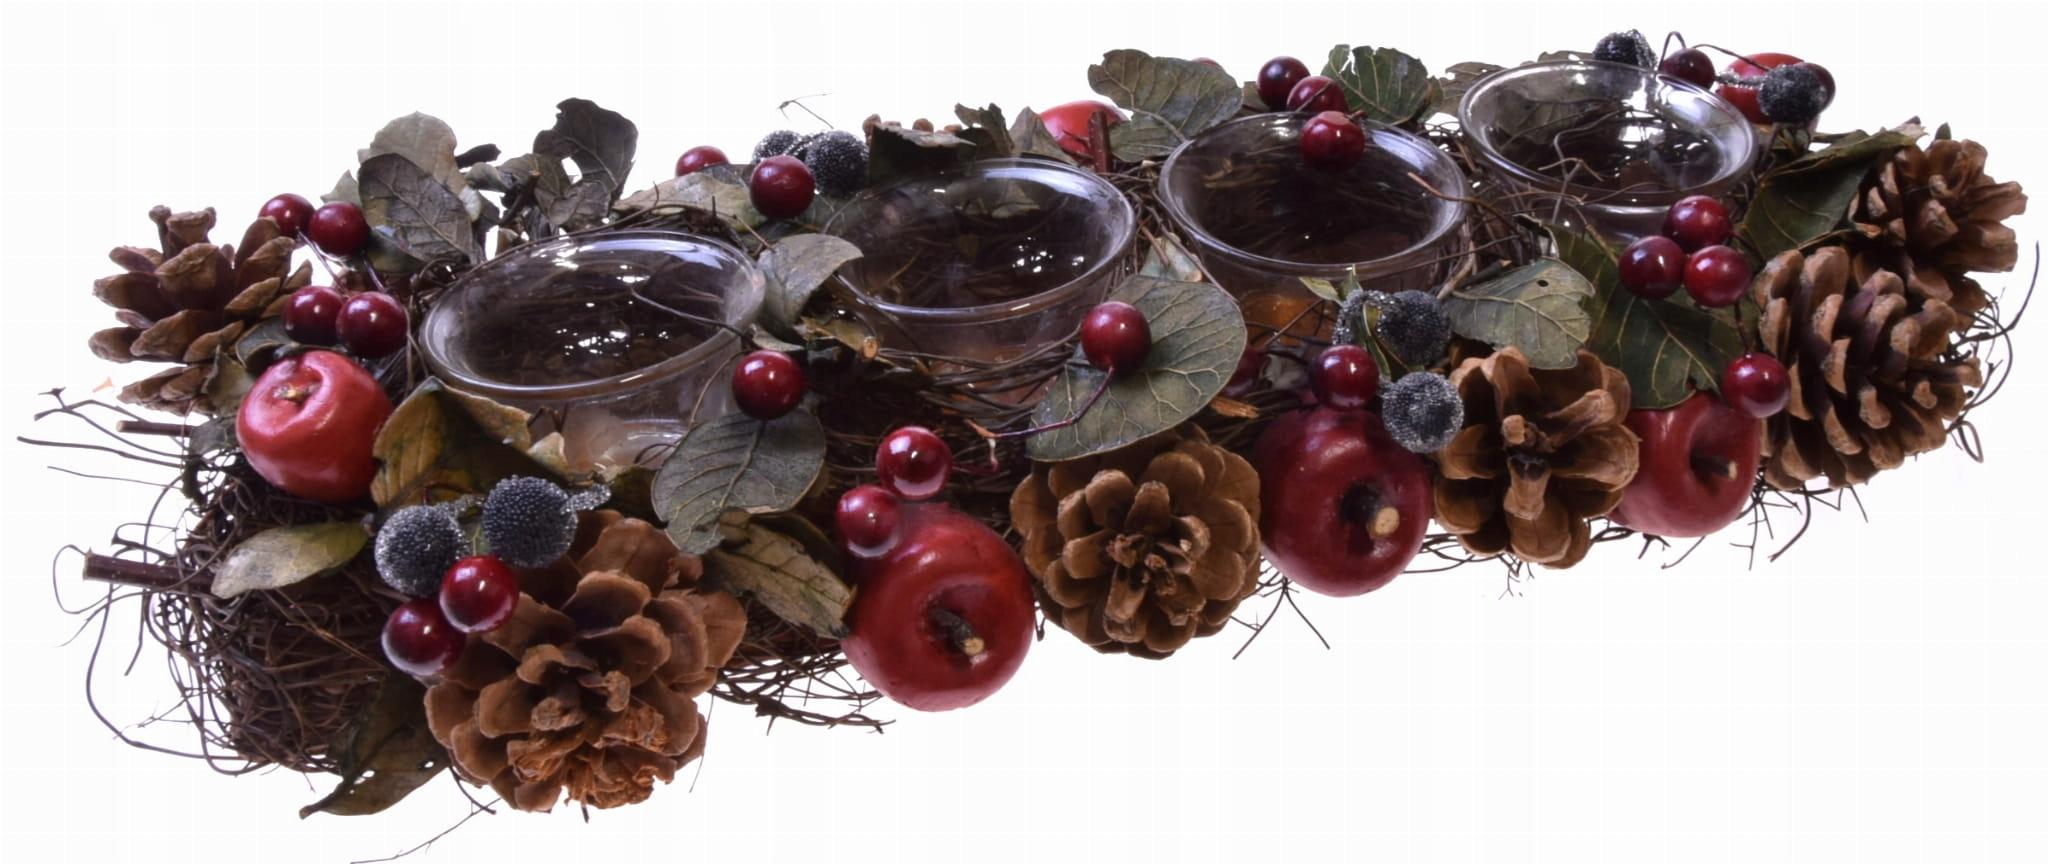 Рождественский подсвечник 4 чайных свечи